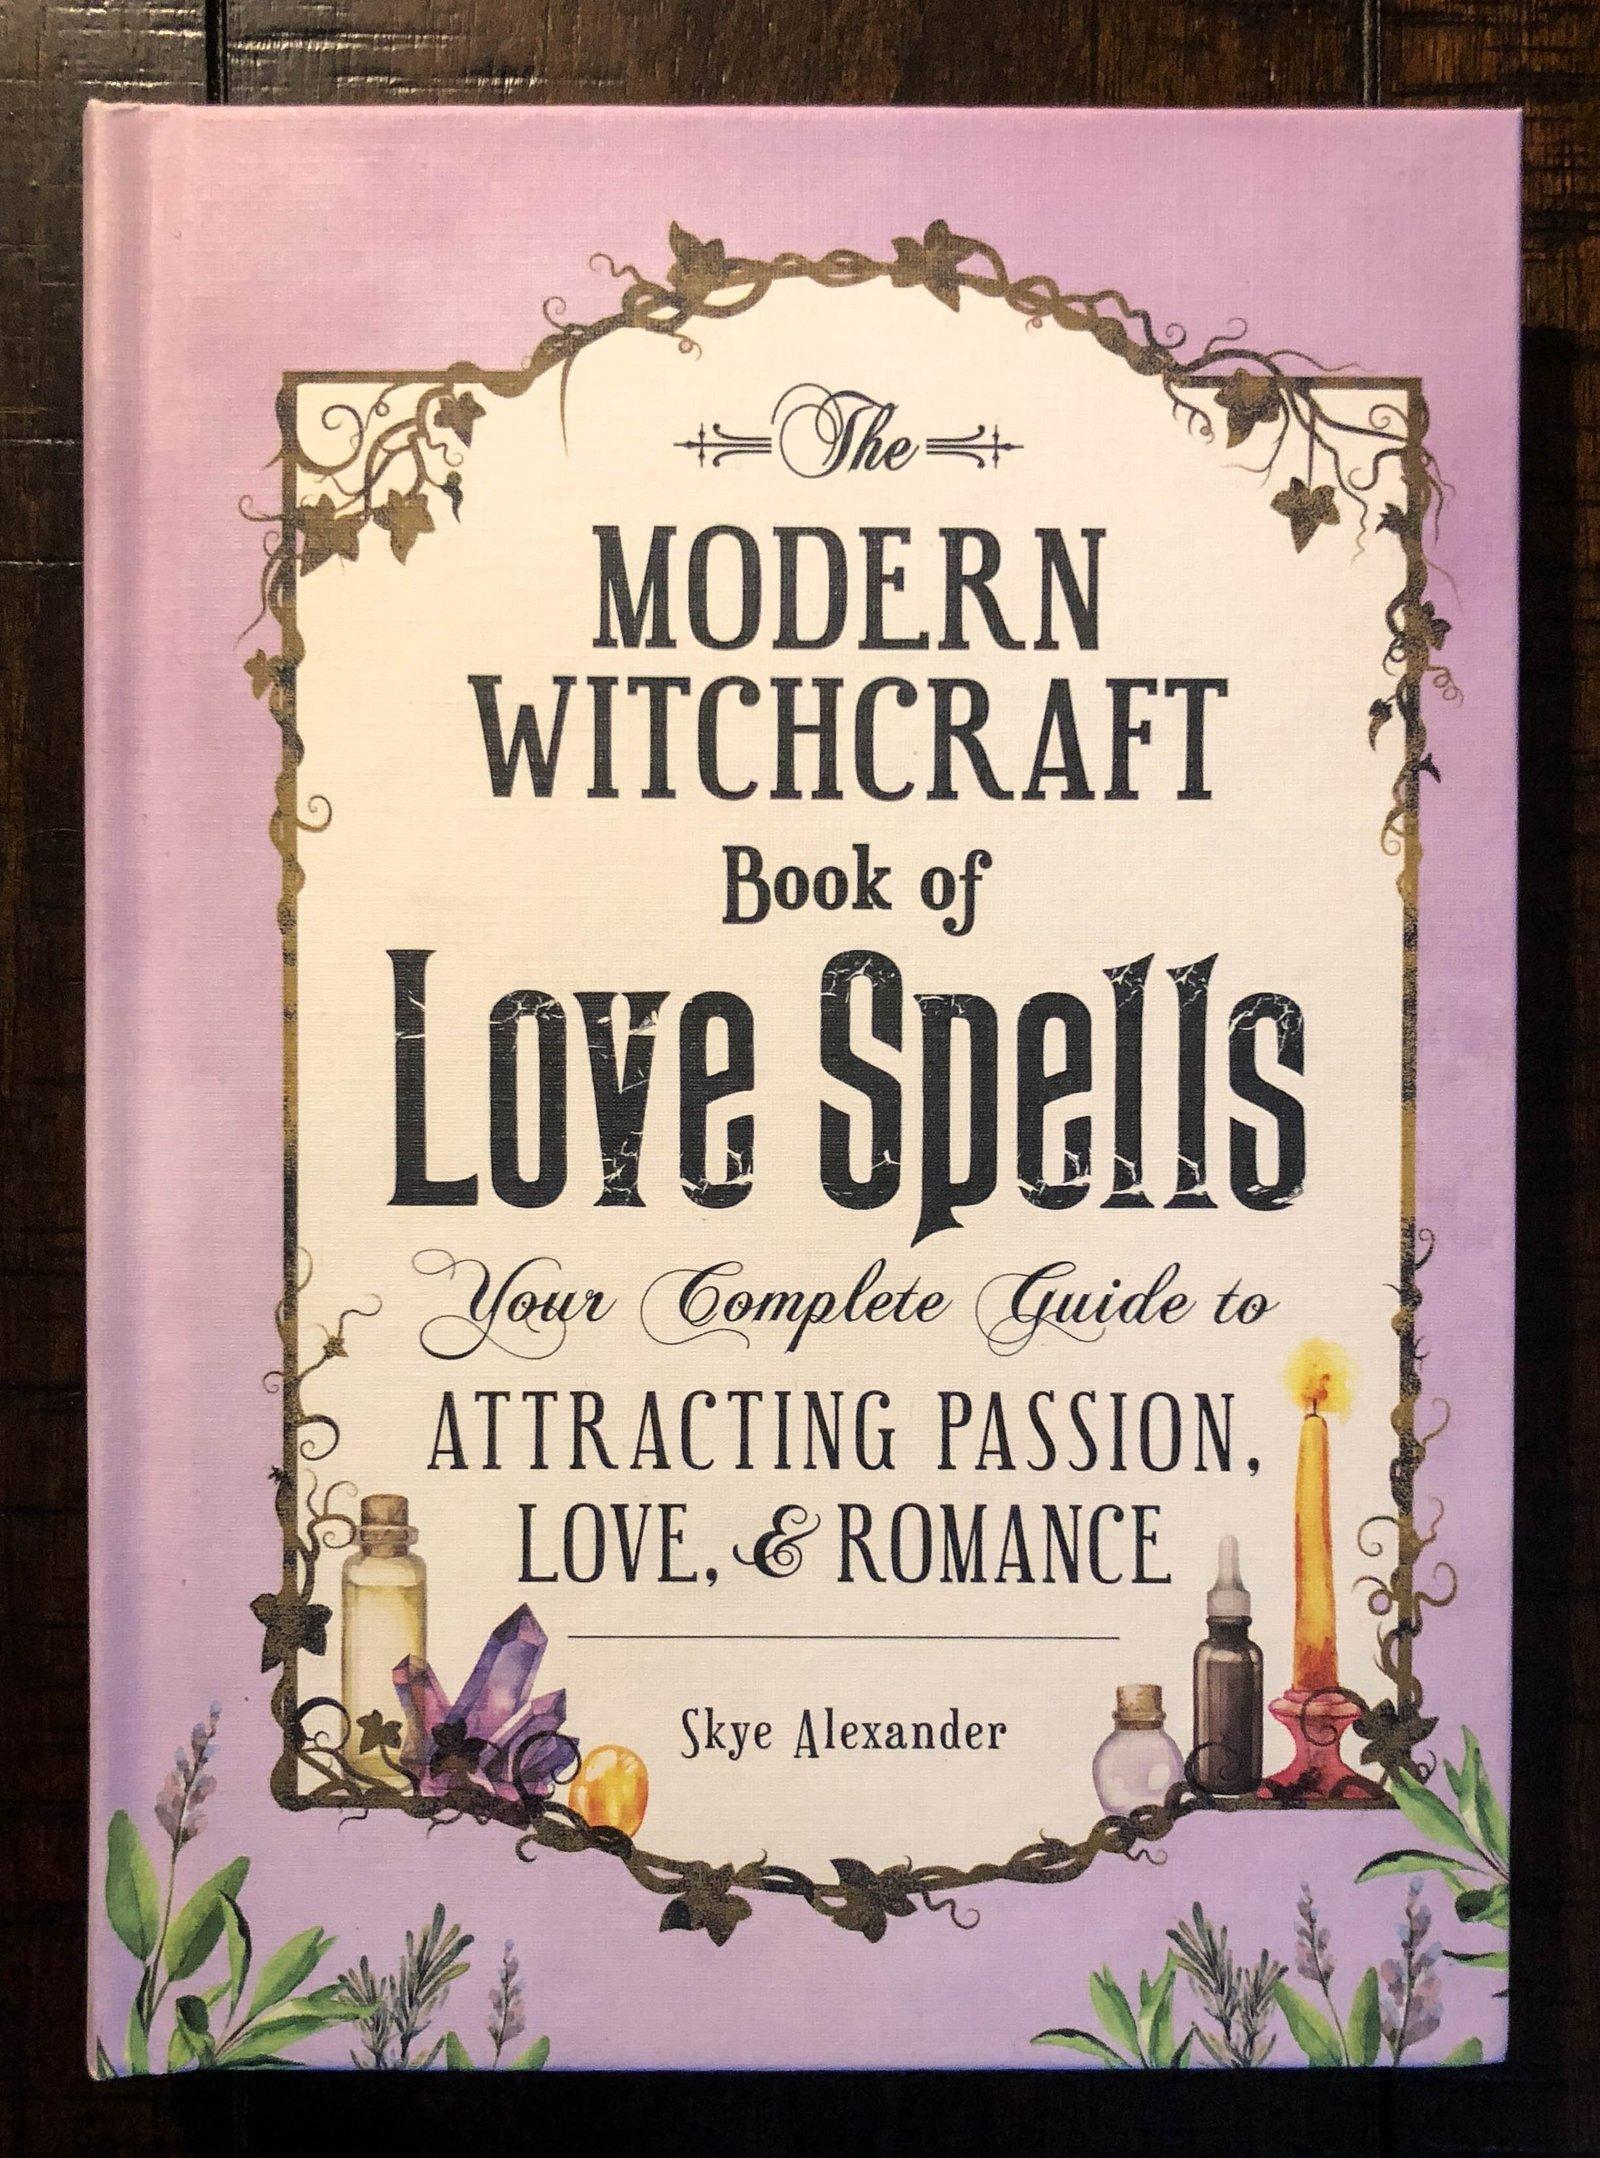 Book of Love Spells. -